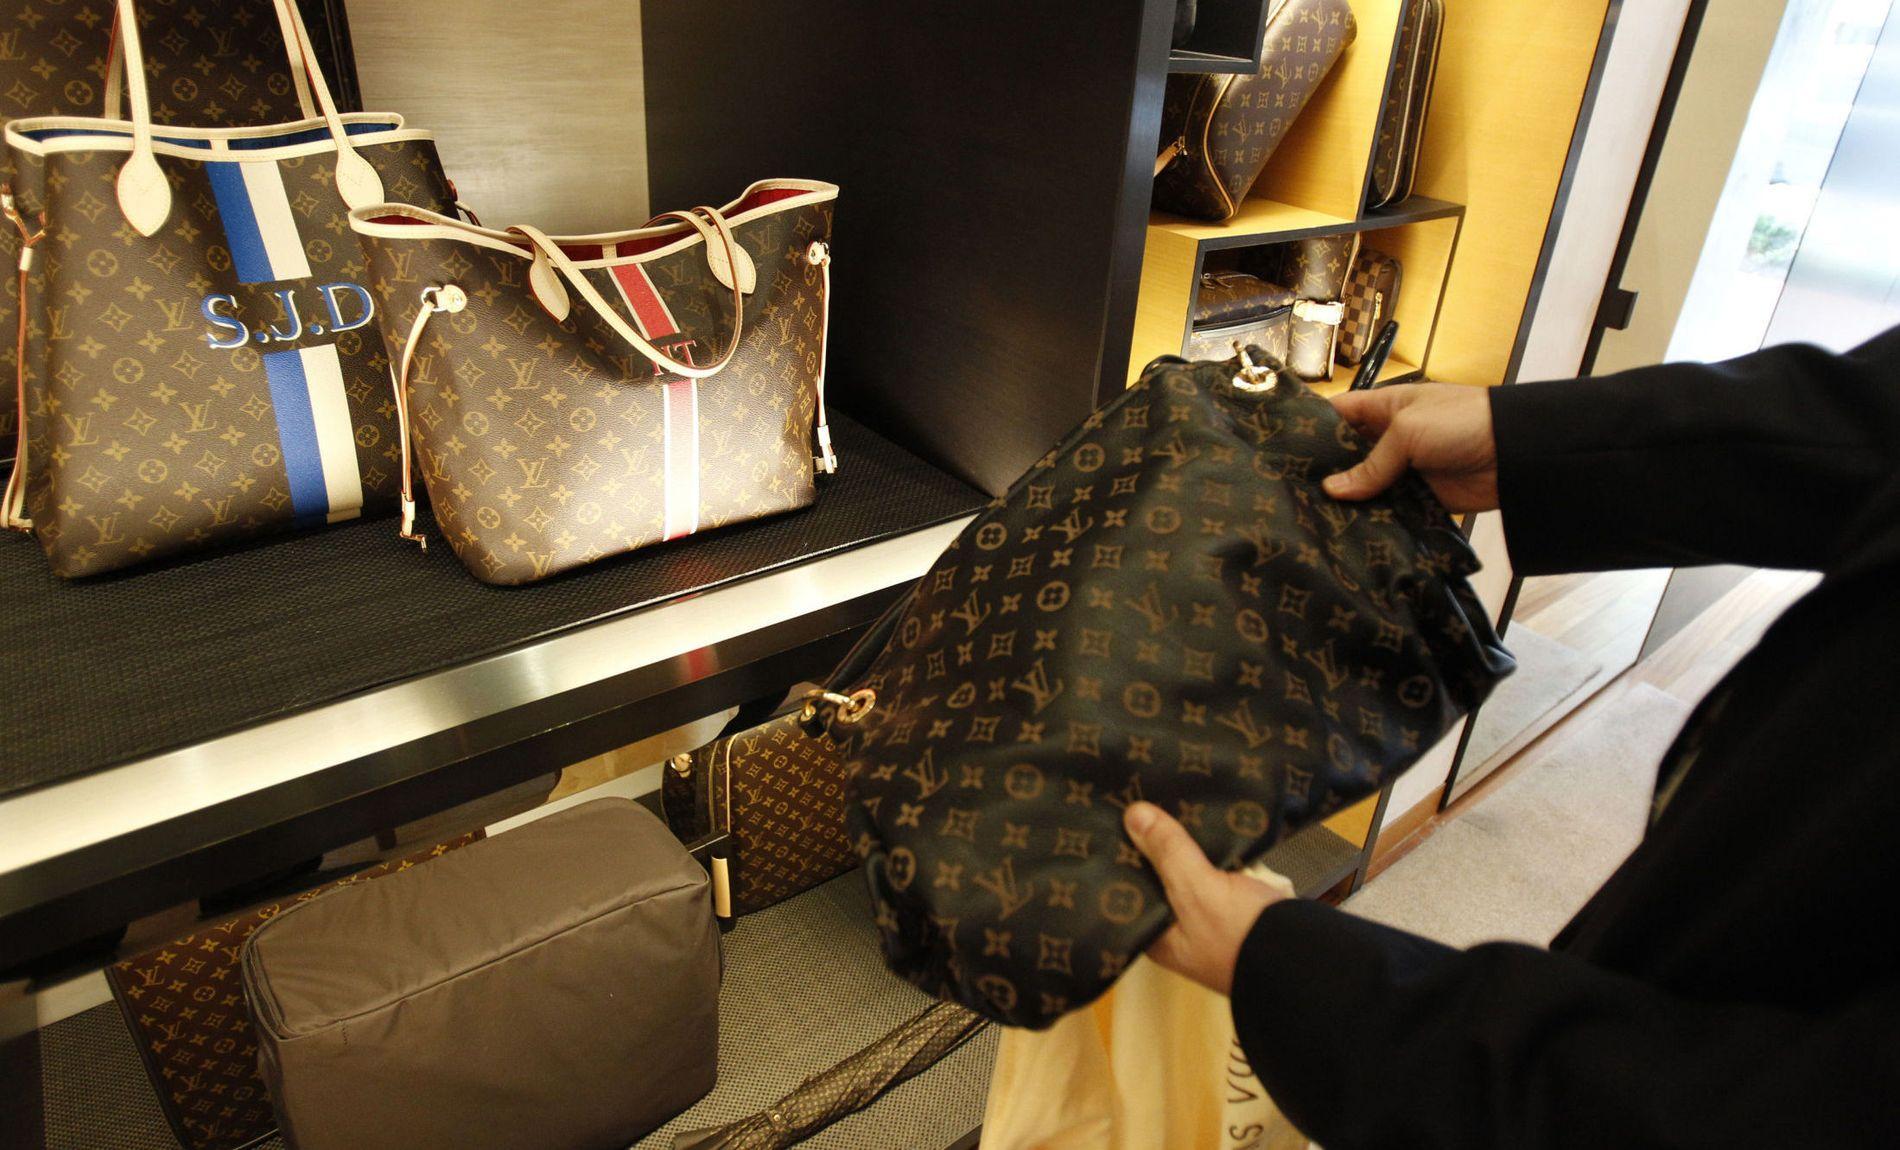 FAKE VS. EKTE: Her holdes en «fake» eller uekte Louis Vuitton-veske kjøpt fra en kinesisk nettside opp mot den ekte vare. Finn.no sliter med å få stanset salget av uekte varer.